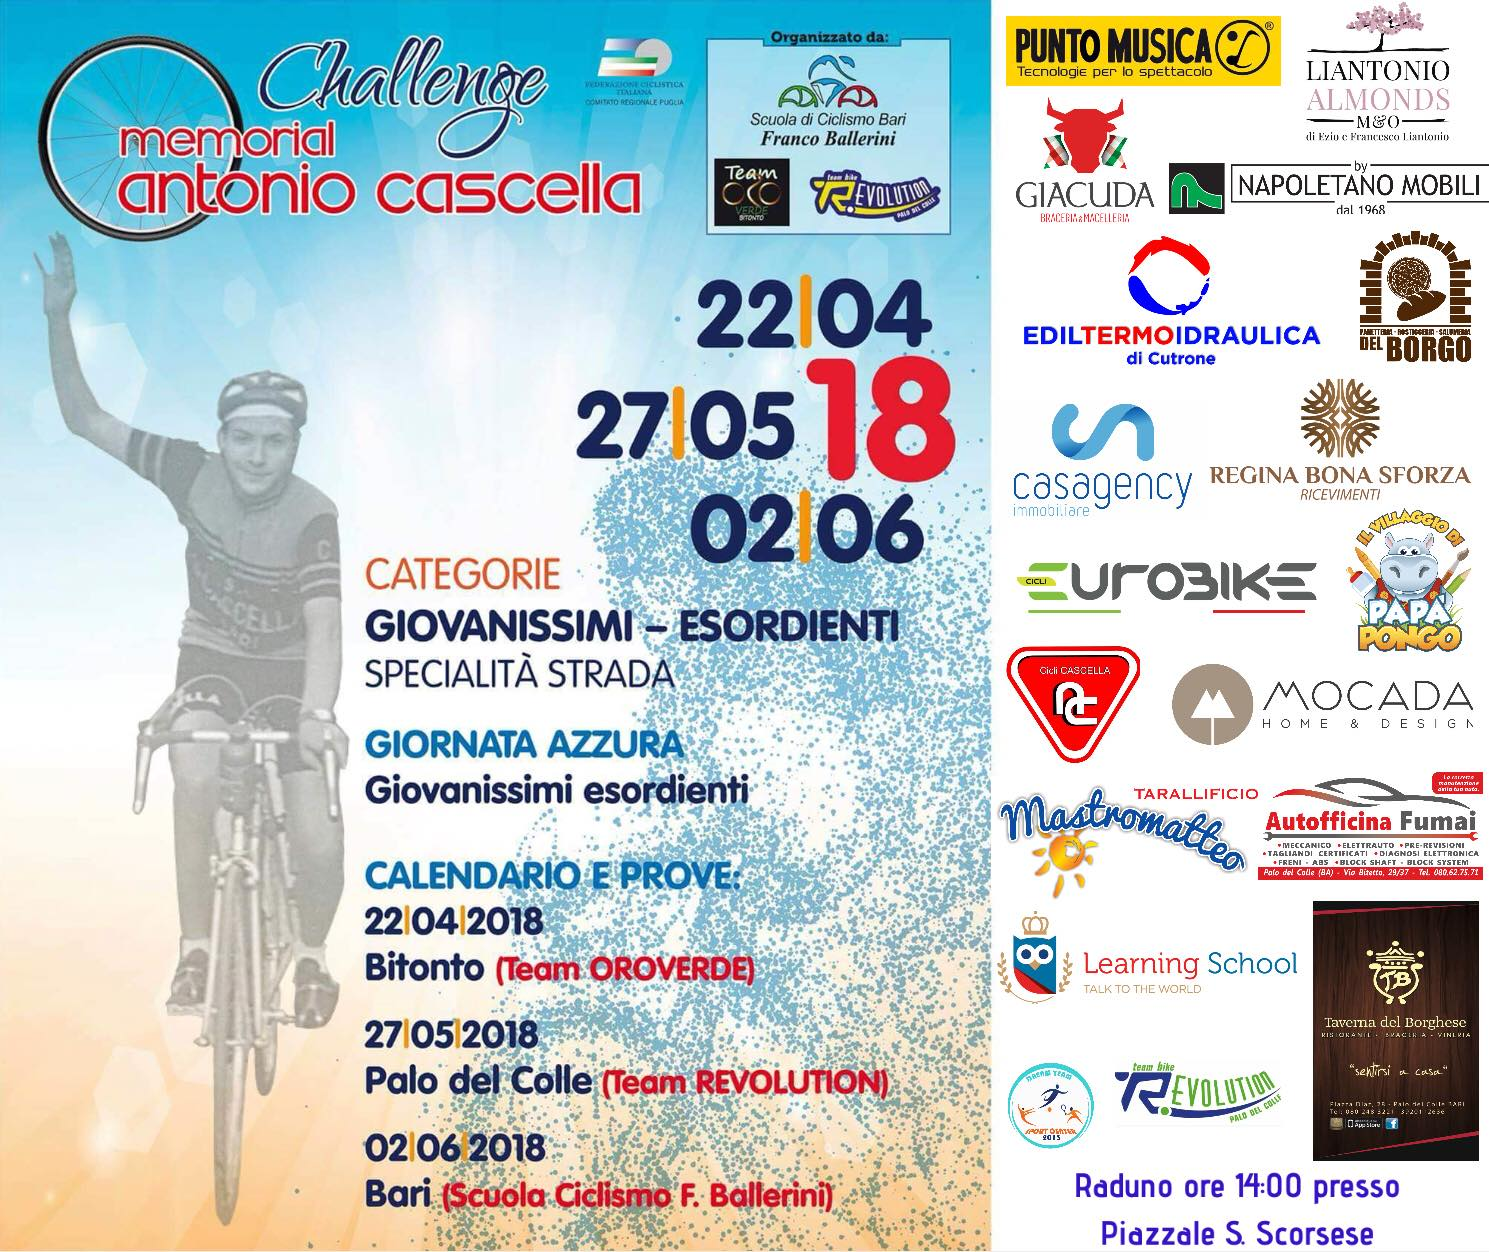 Fci Calendario.Ciclismo Fci Puglia Le Manifestazioni In Calendario